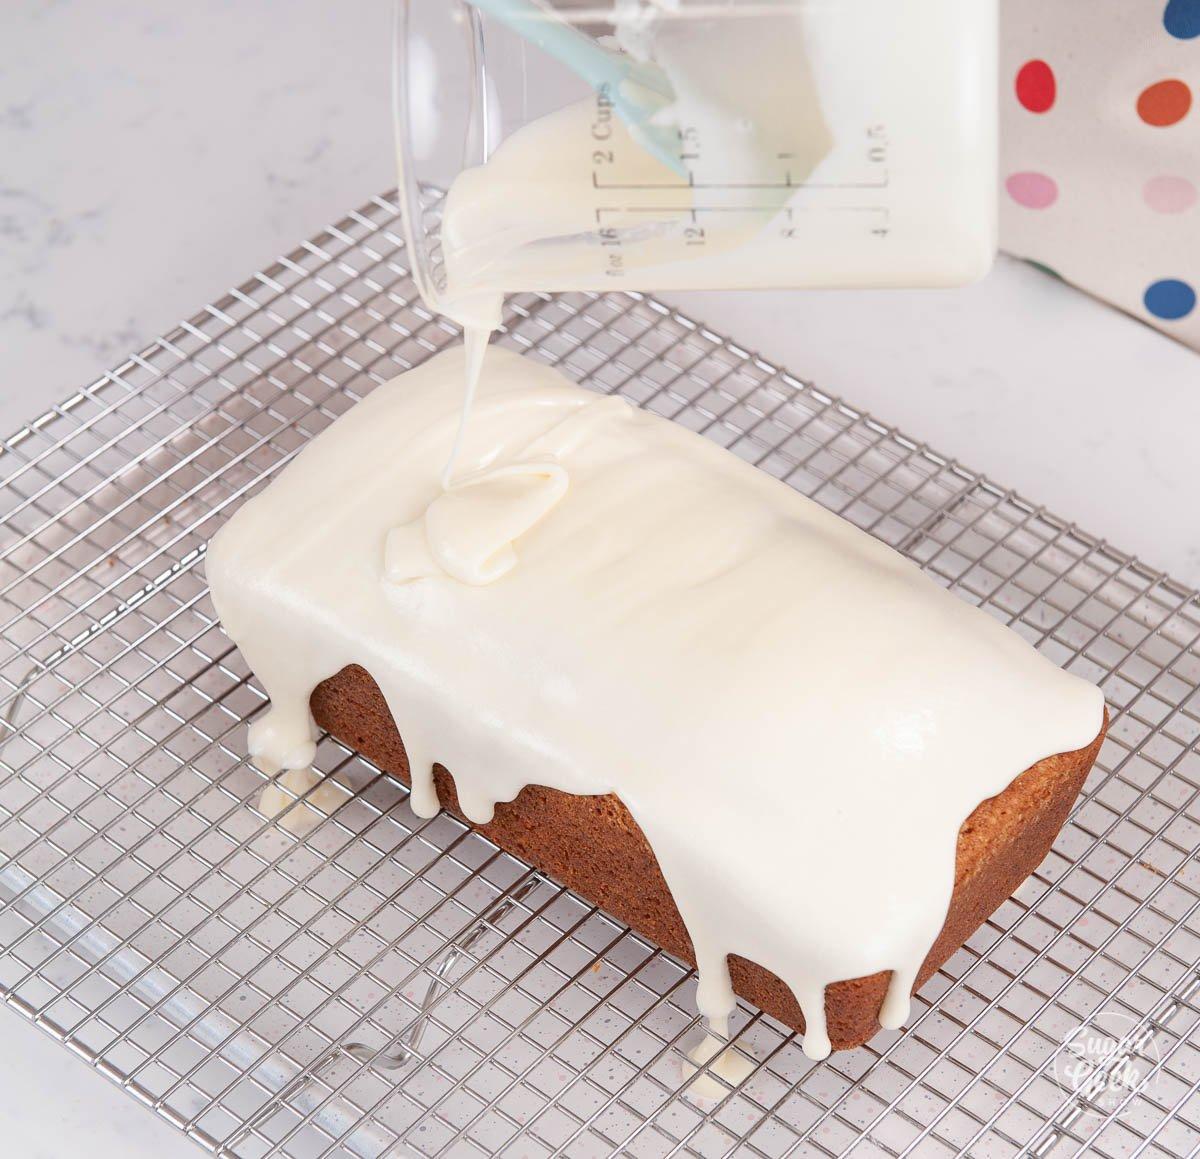 glazing lemon pound cake